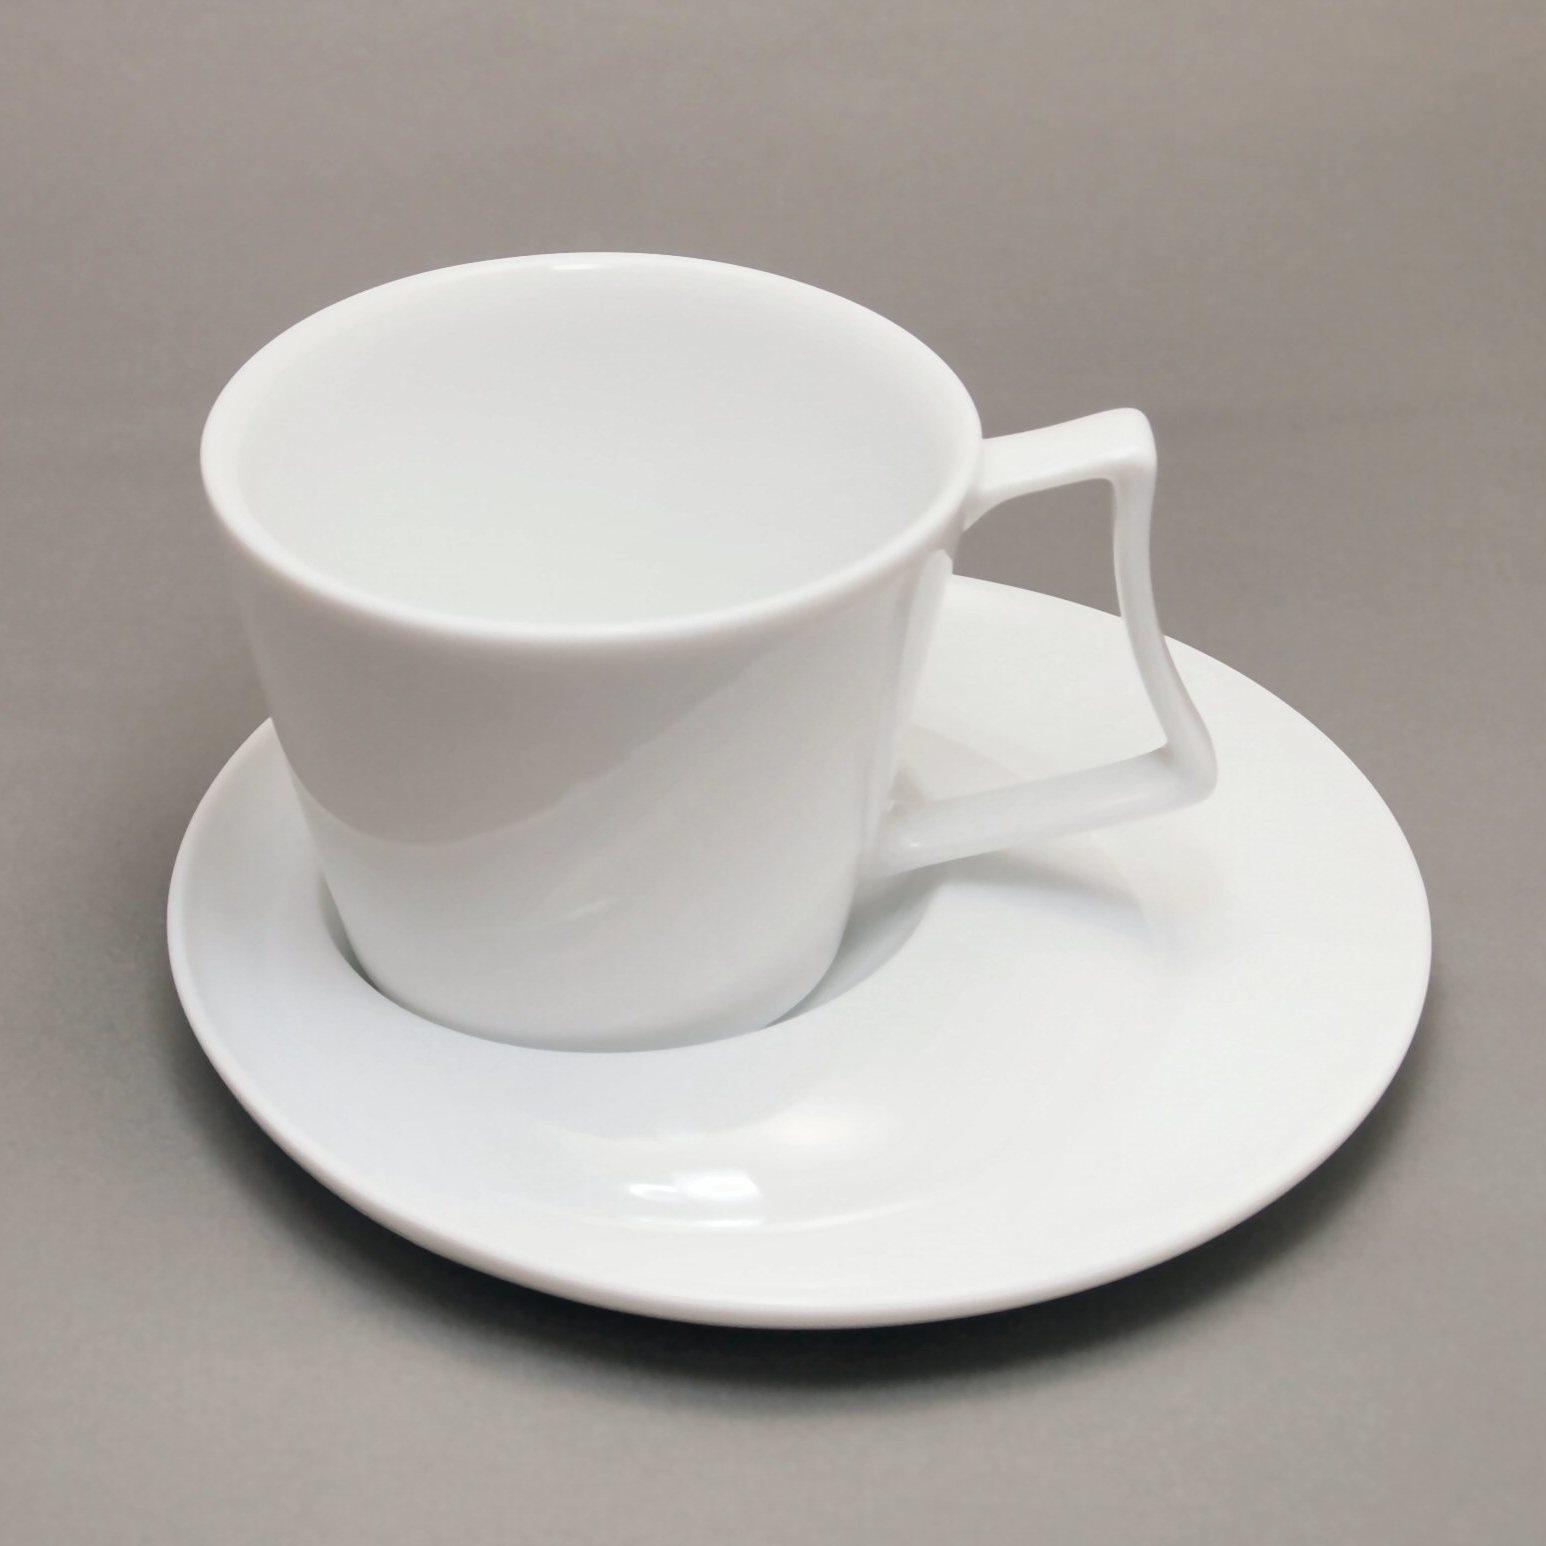 深山 ブルーム コーヒーカップとソーサー